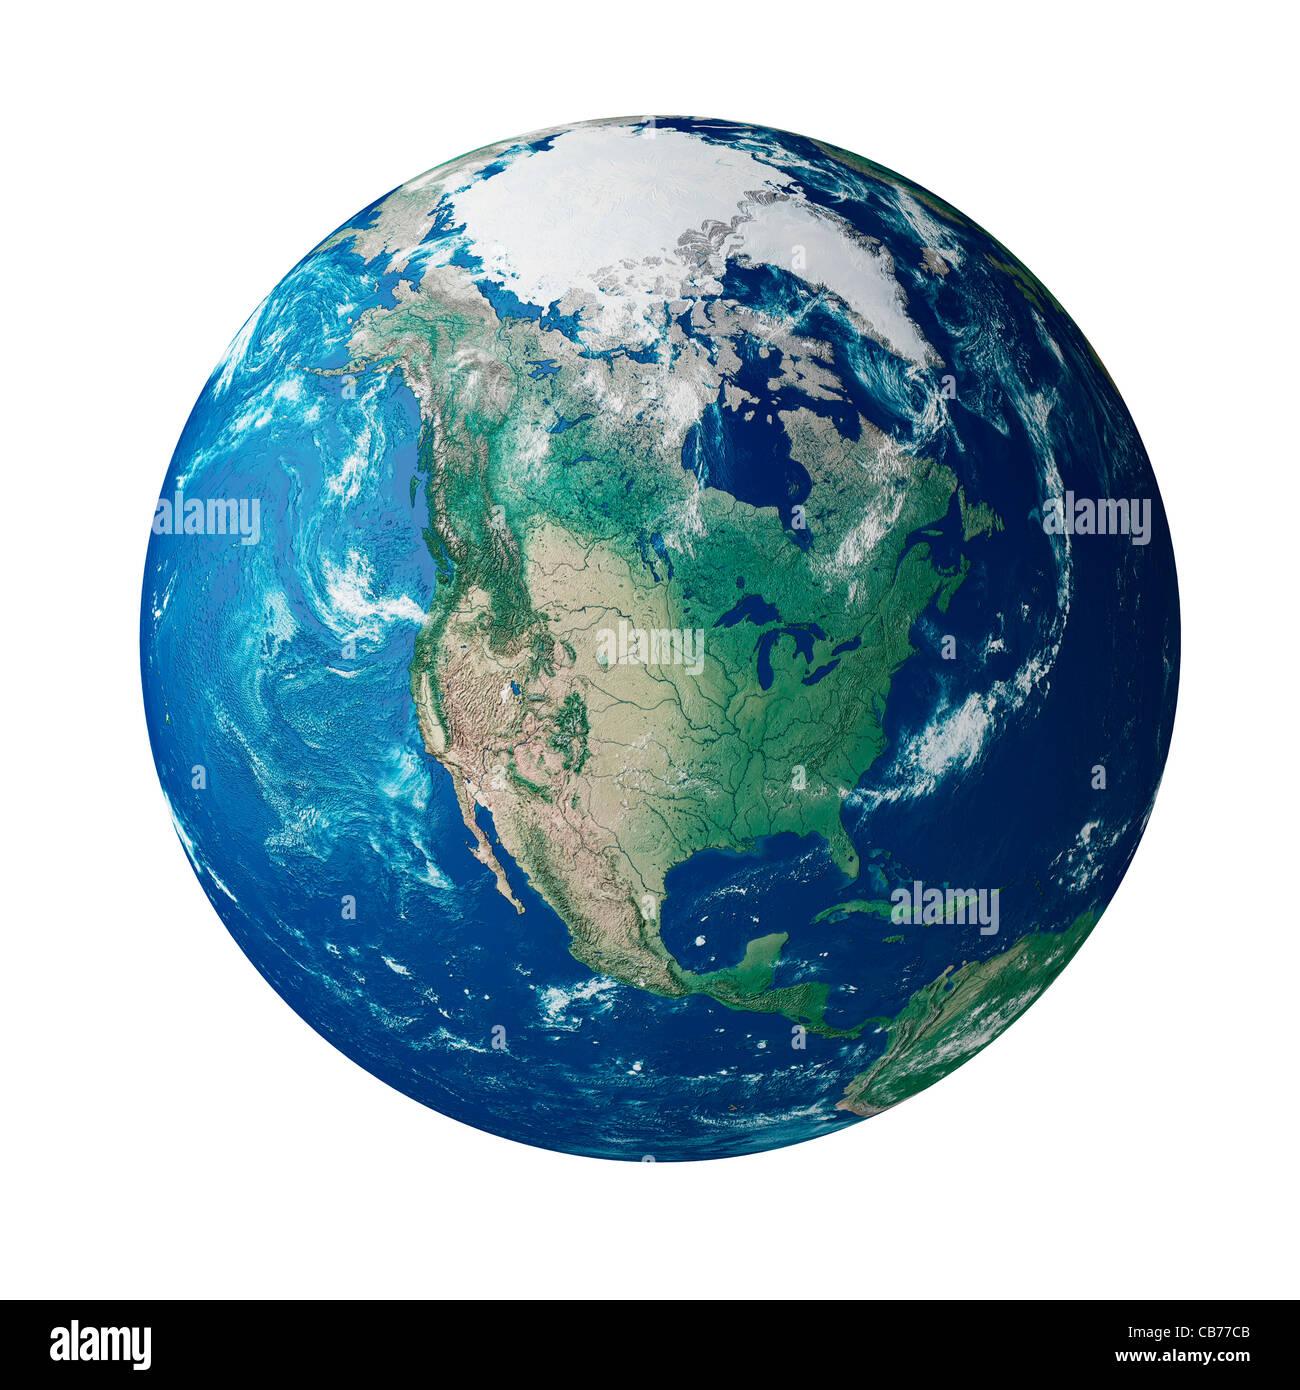 Globe montrant le continent de l'Amérique sur la planète terre Photo Stock